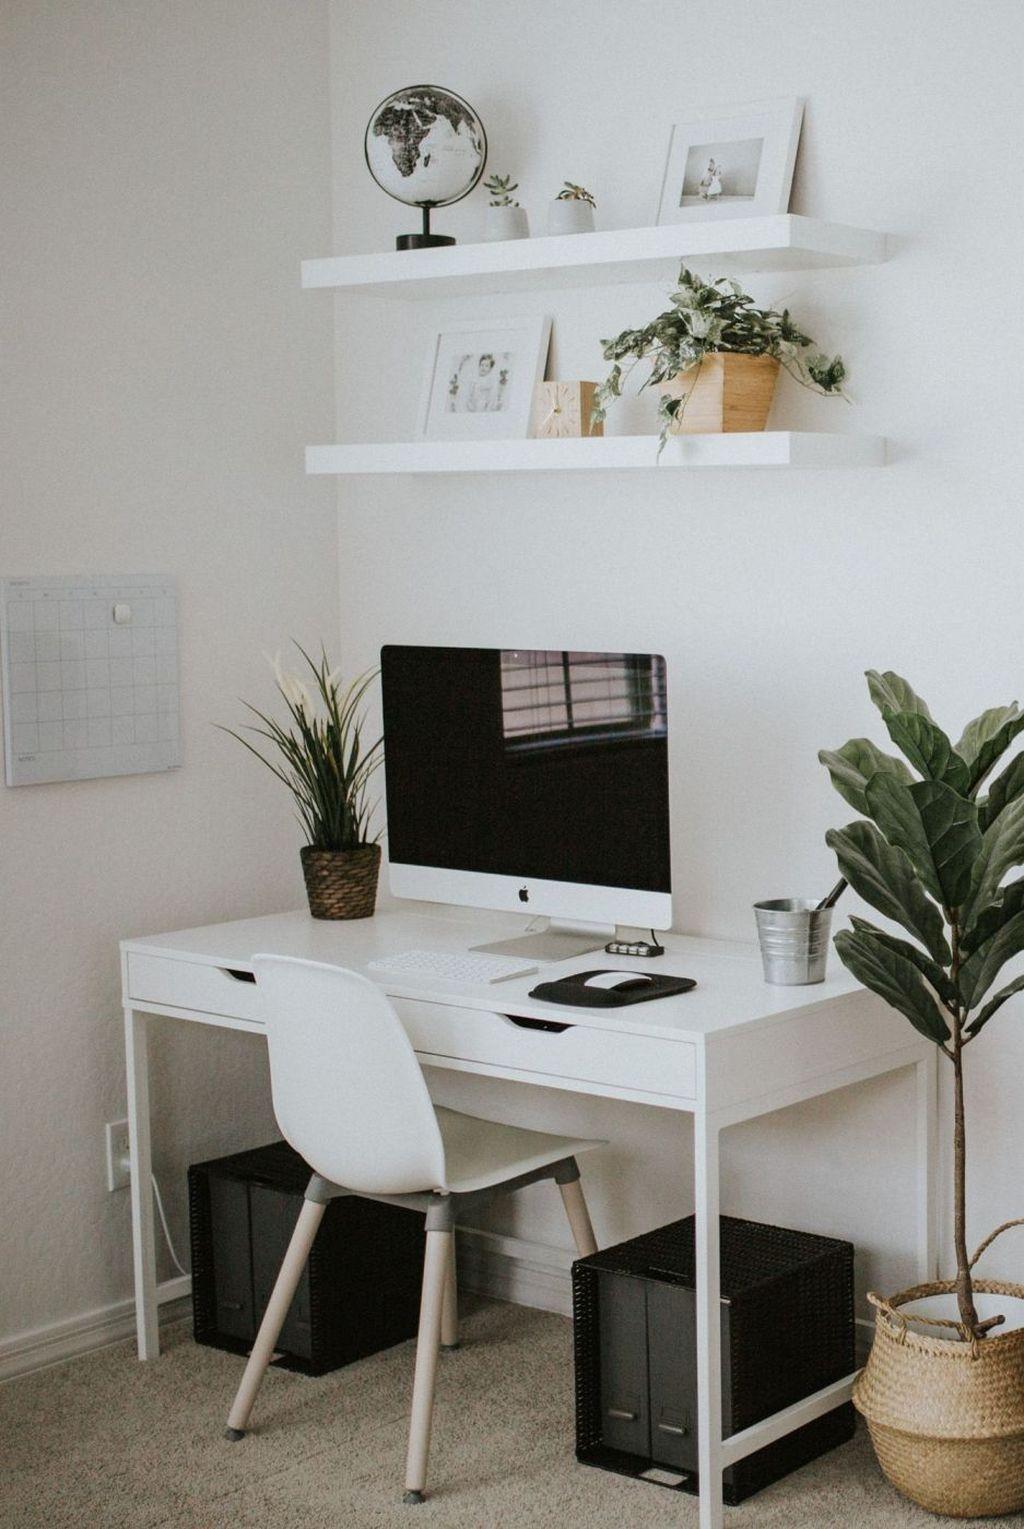 Bureau Feng Shui À La Maison 38 perfect workspace decor ideas for your bedroom | idée